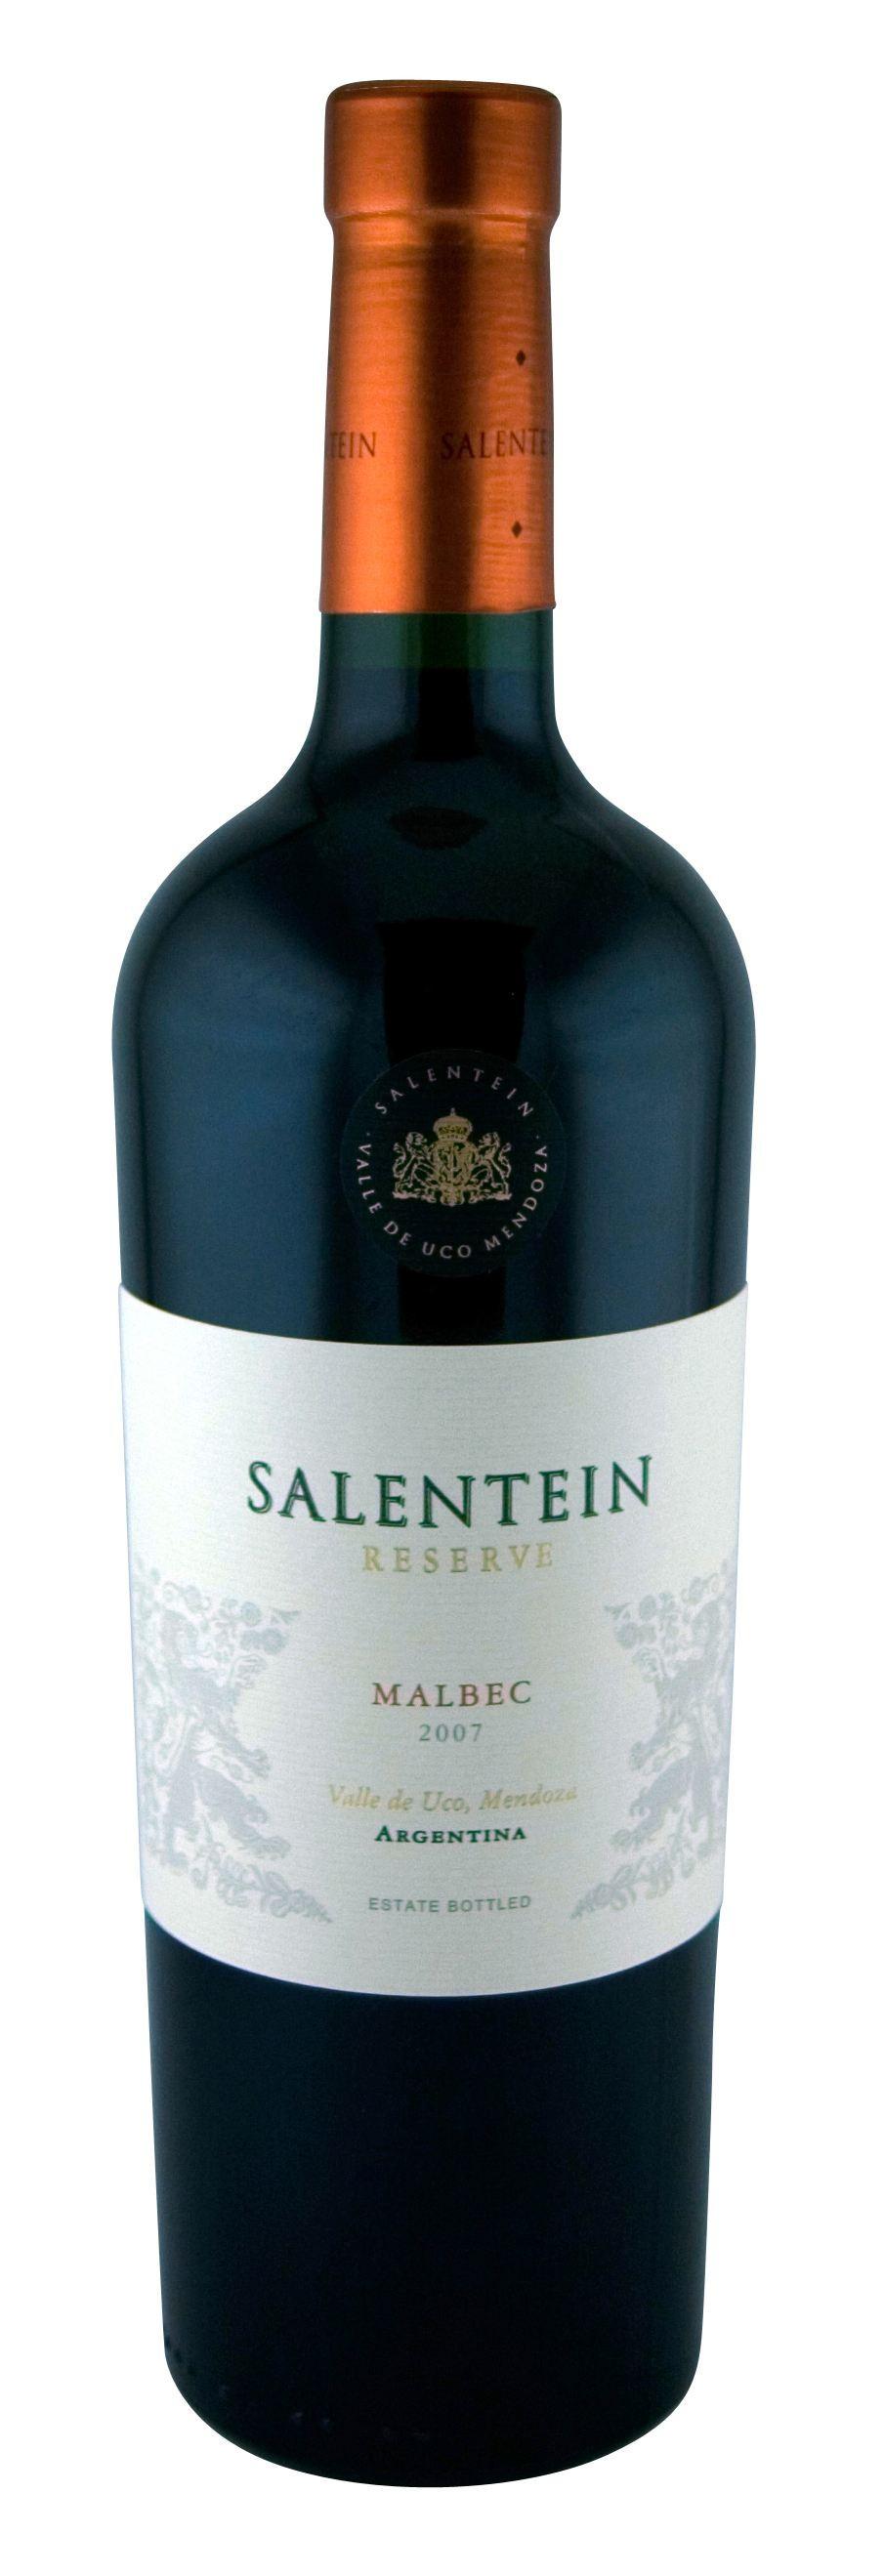 Salentein - Malbec, 2017